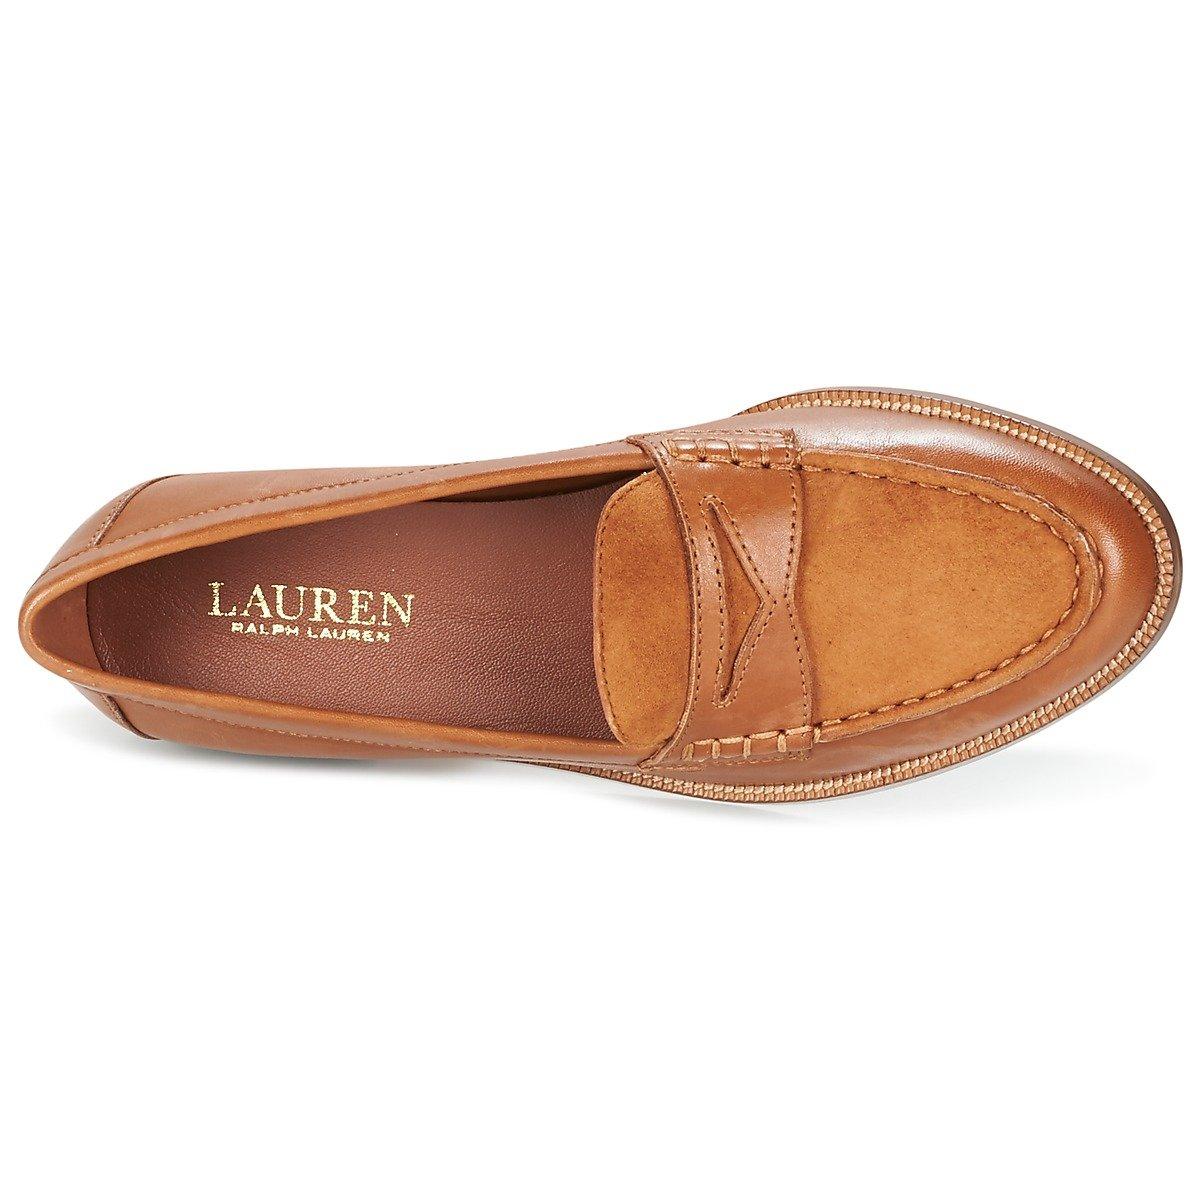 Lauren Ralph Lauren - Mocasines para Mujer coñac, Color, Talla 41 EU: Amazon.es: Zapatos y complementos